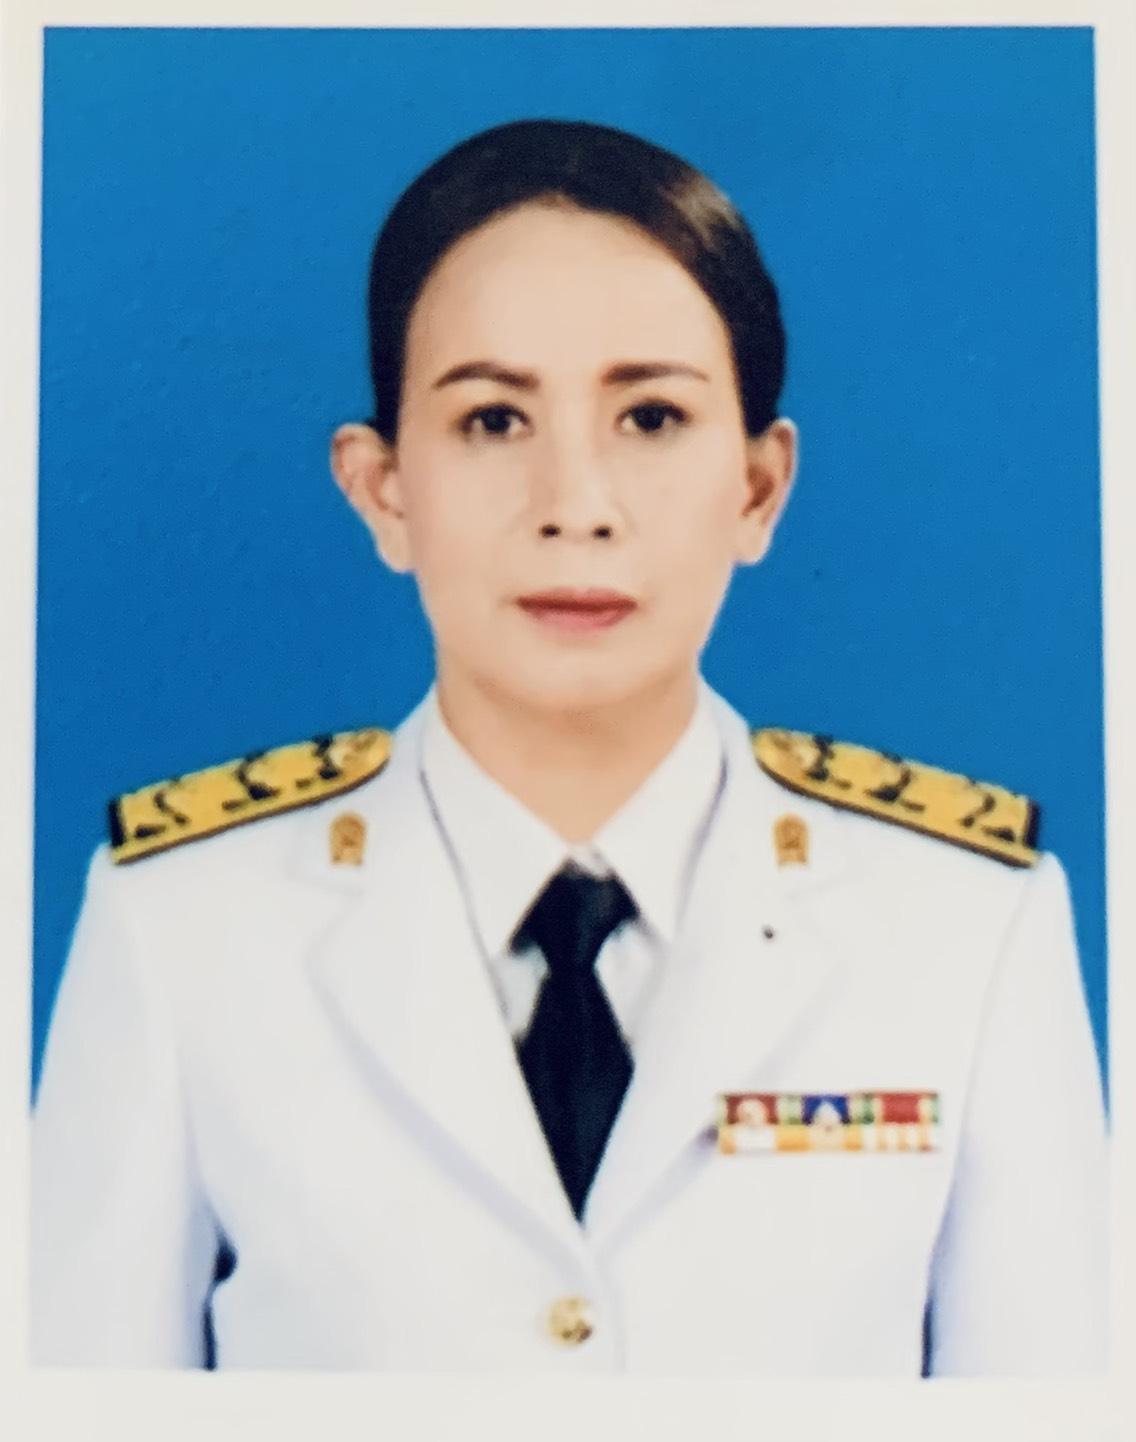 นางสาวศิรินประภา กงชา